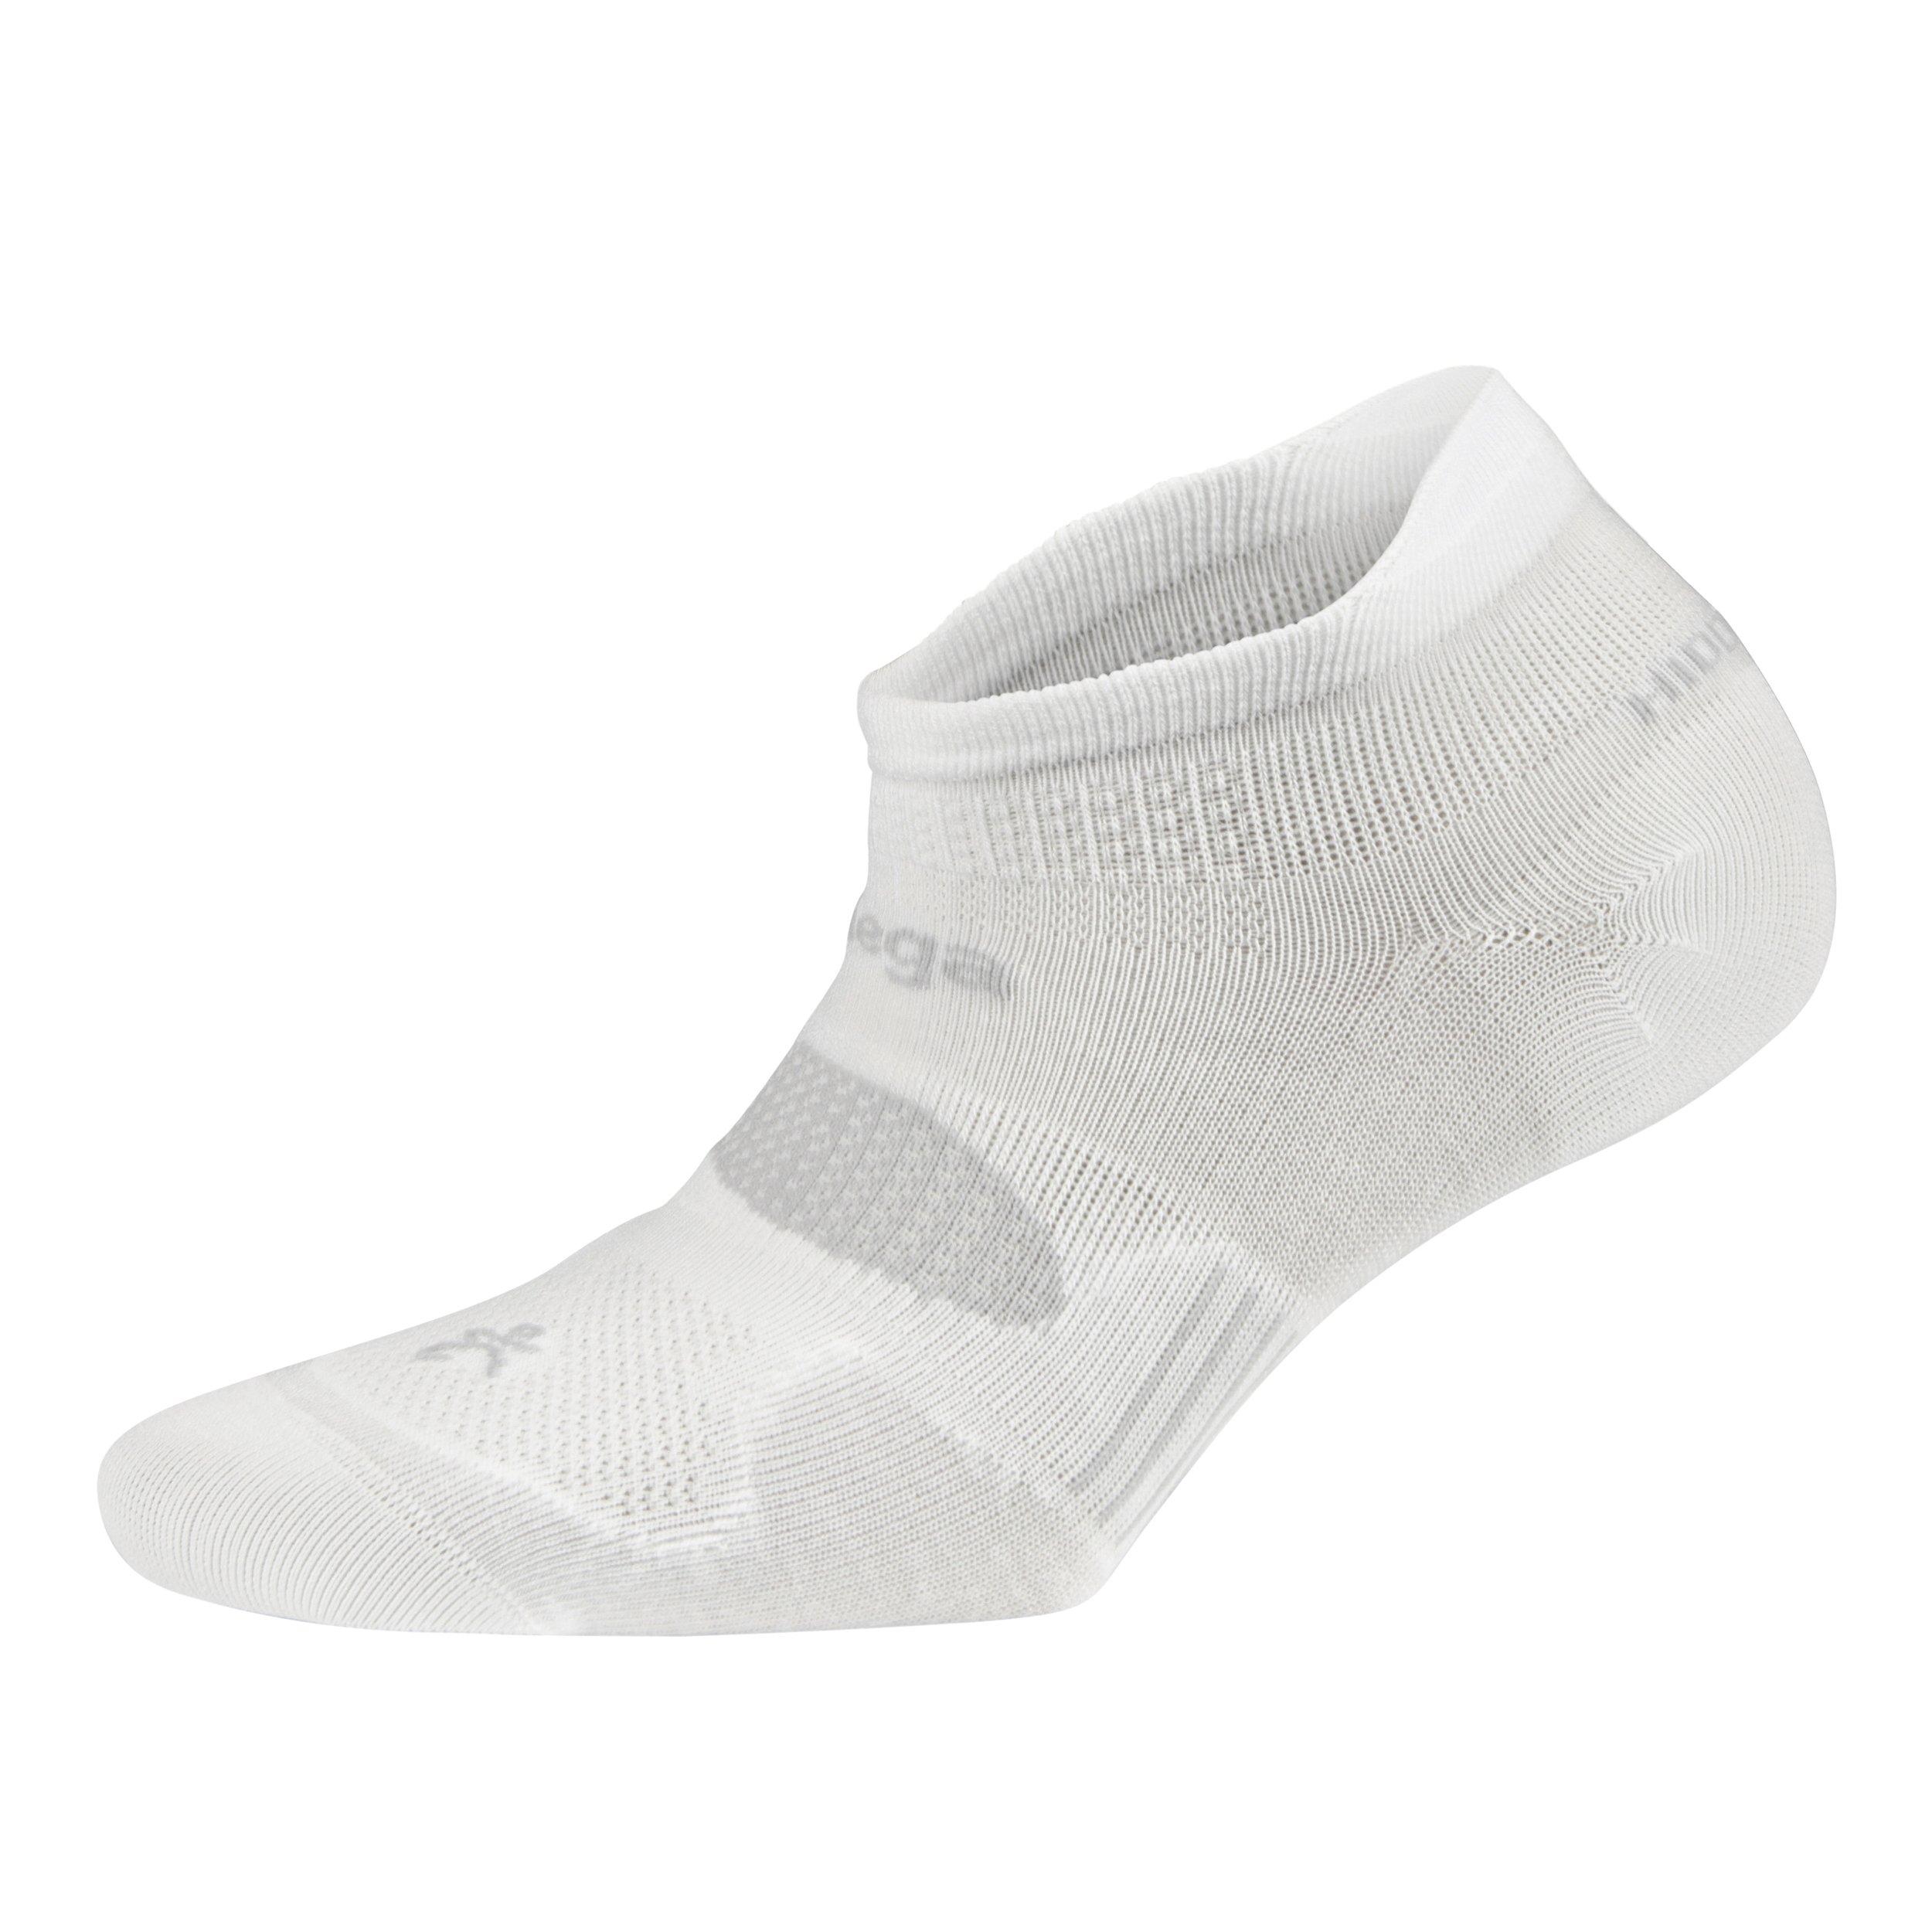 Balega Hidden Dry Moisture-Wicking Socks For Men and Women (1 Pair), White, Large